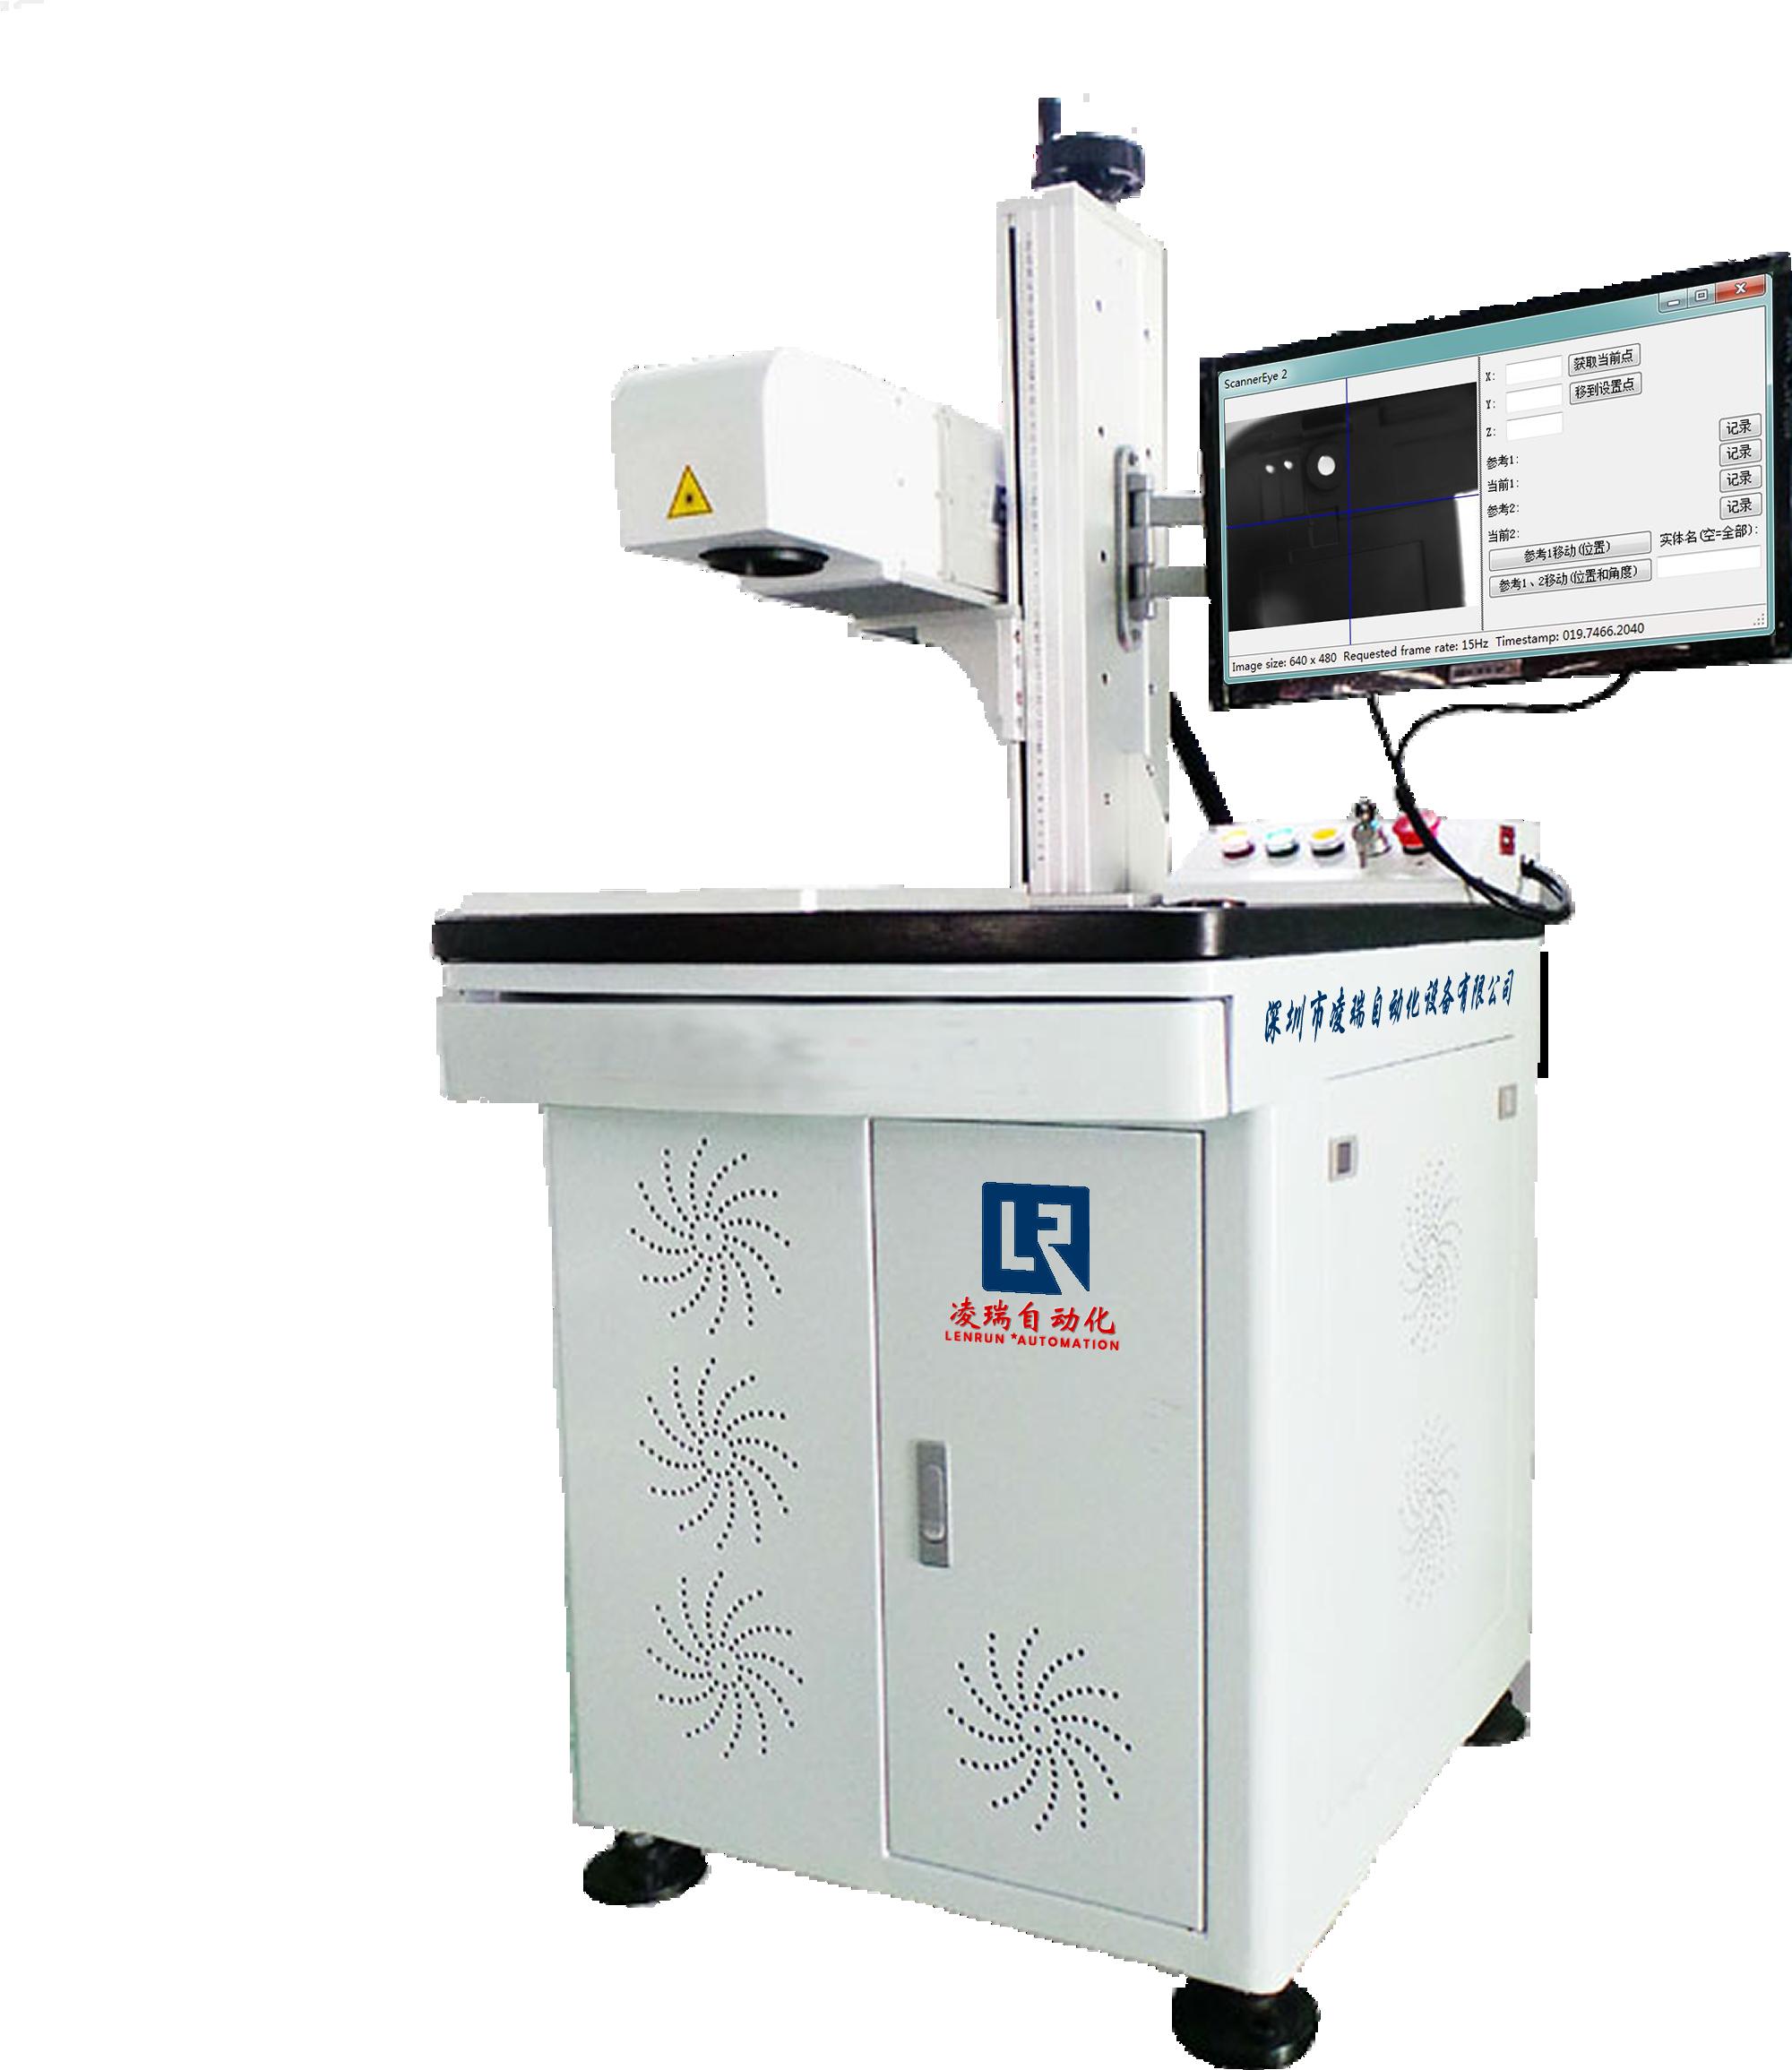 供应3D激光打标机厂家价格报价/高清3D激光打标图片/深圳3D激光打标技术哪家好